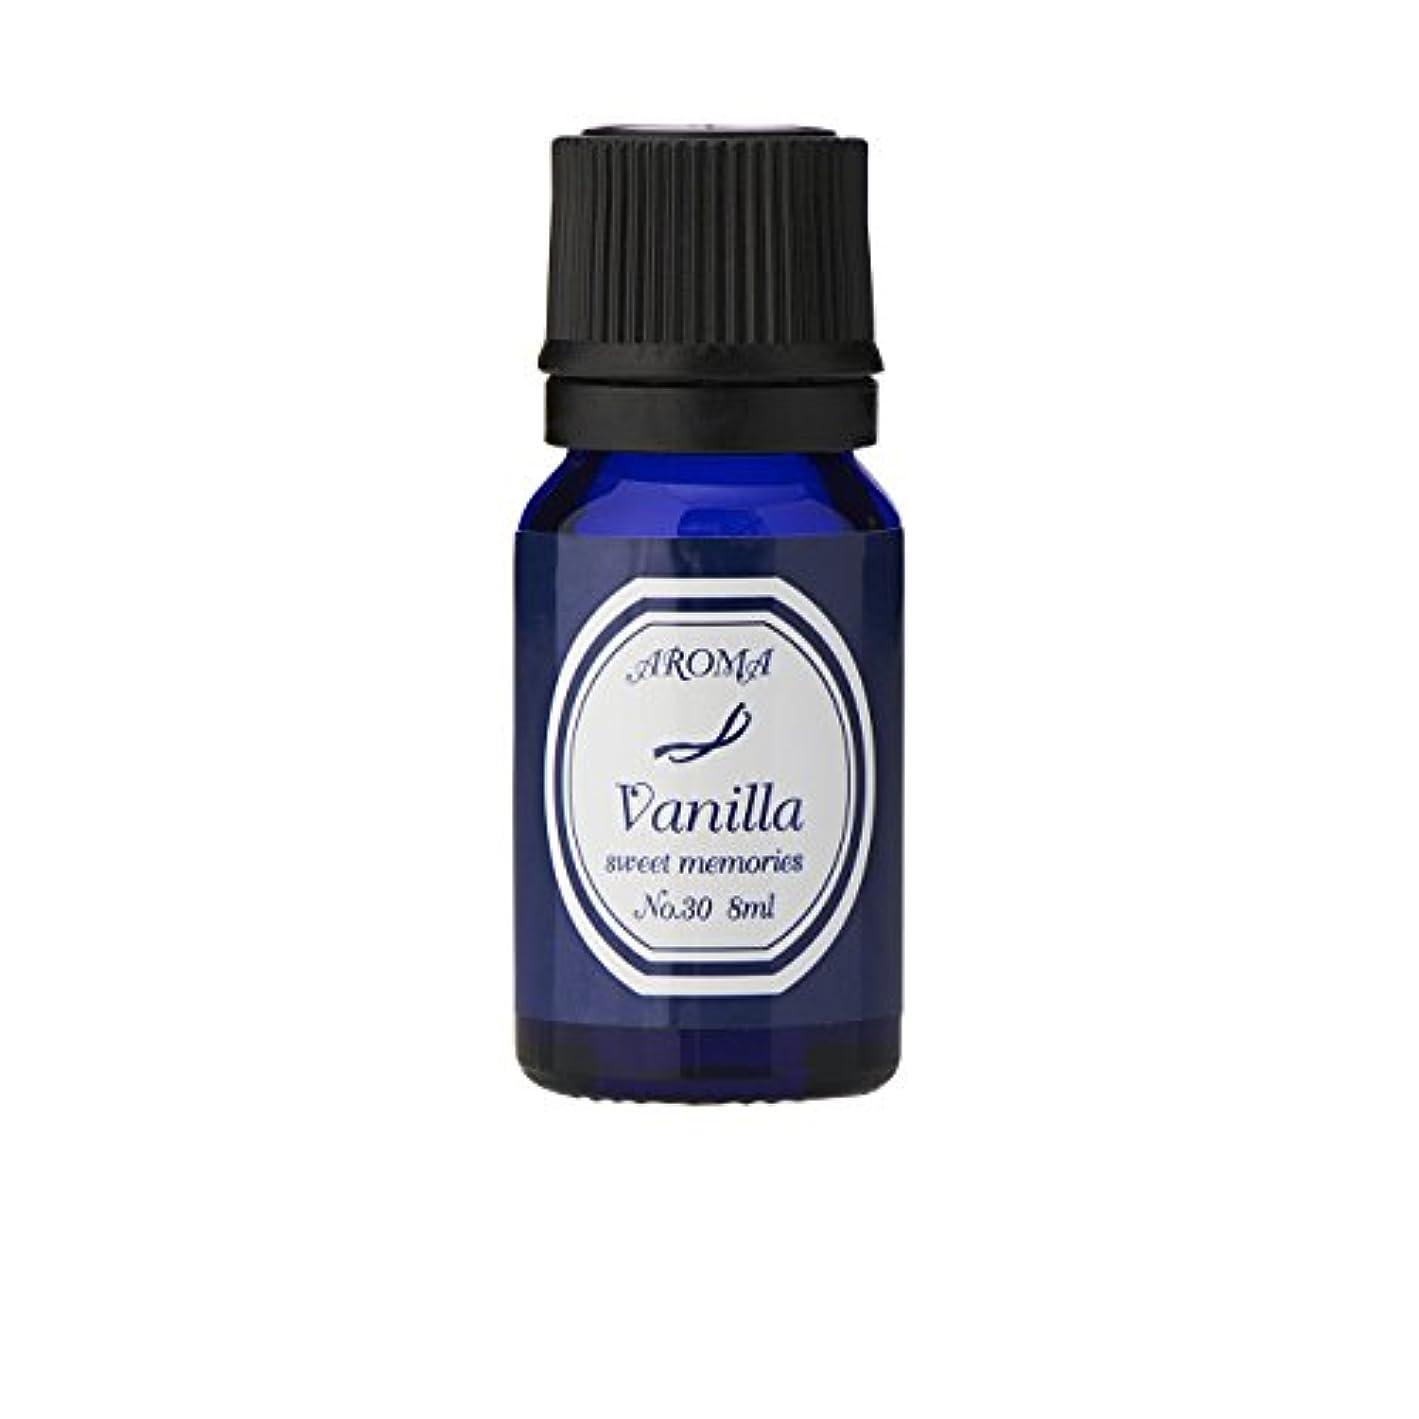 オート腹依存するブルーラベル アロマエッセンス8ml バニラ(アロマオイル 調合香料 芳香用)